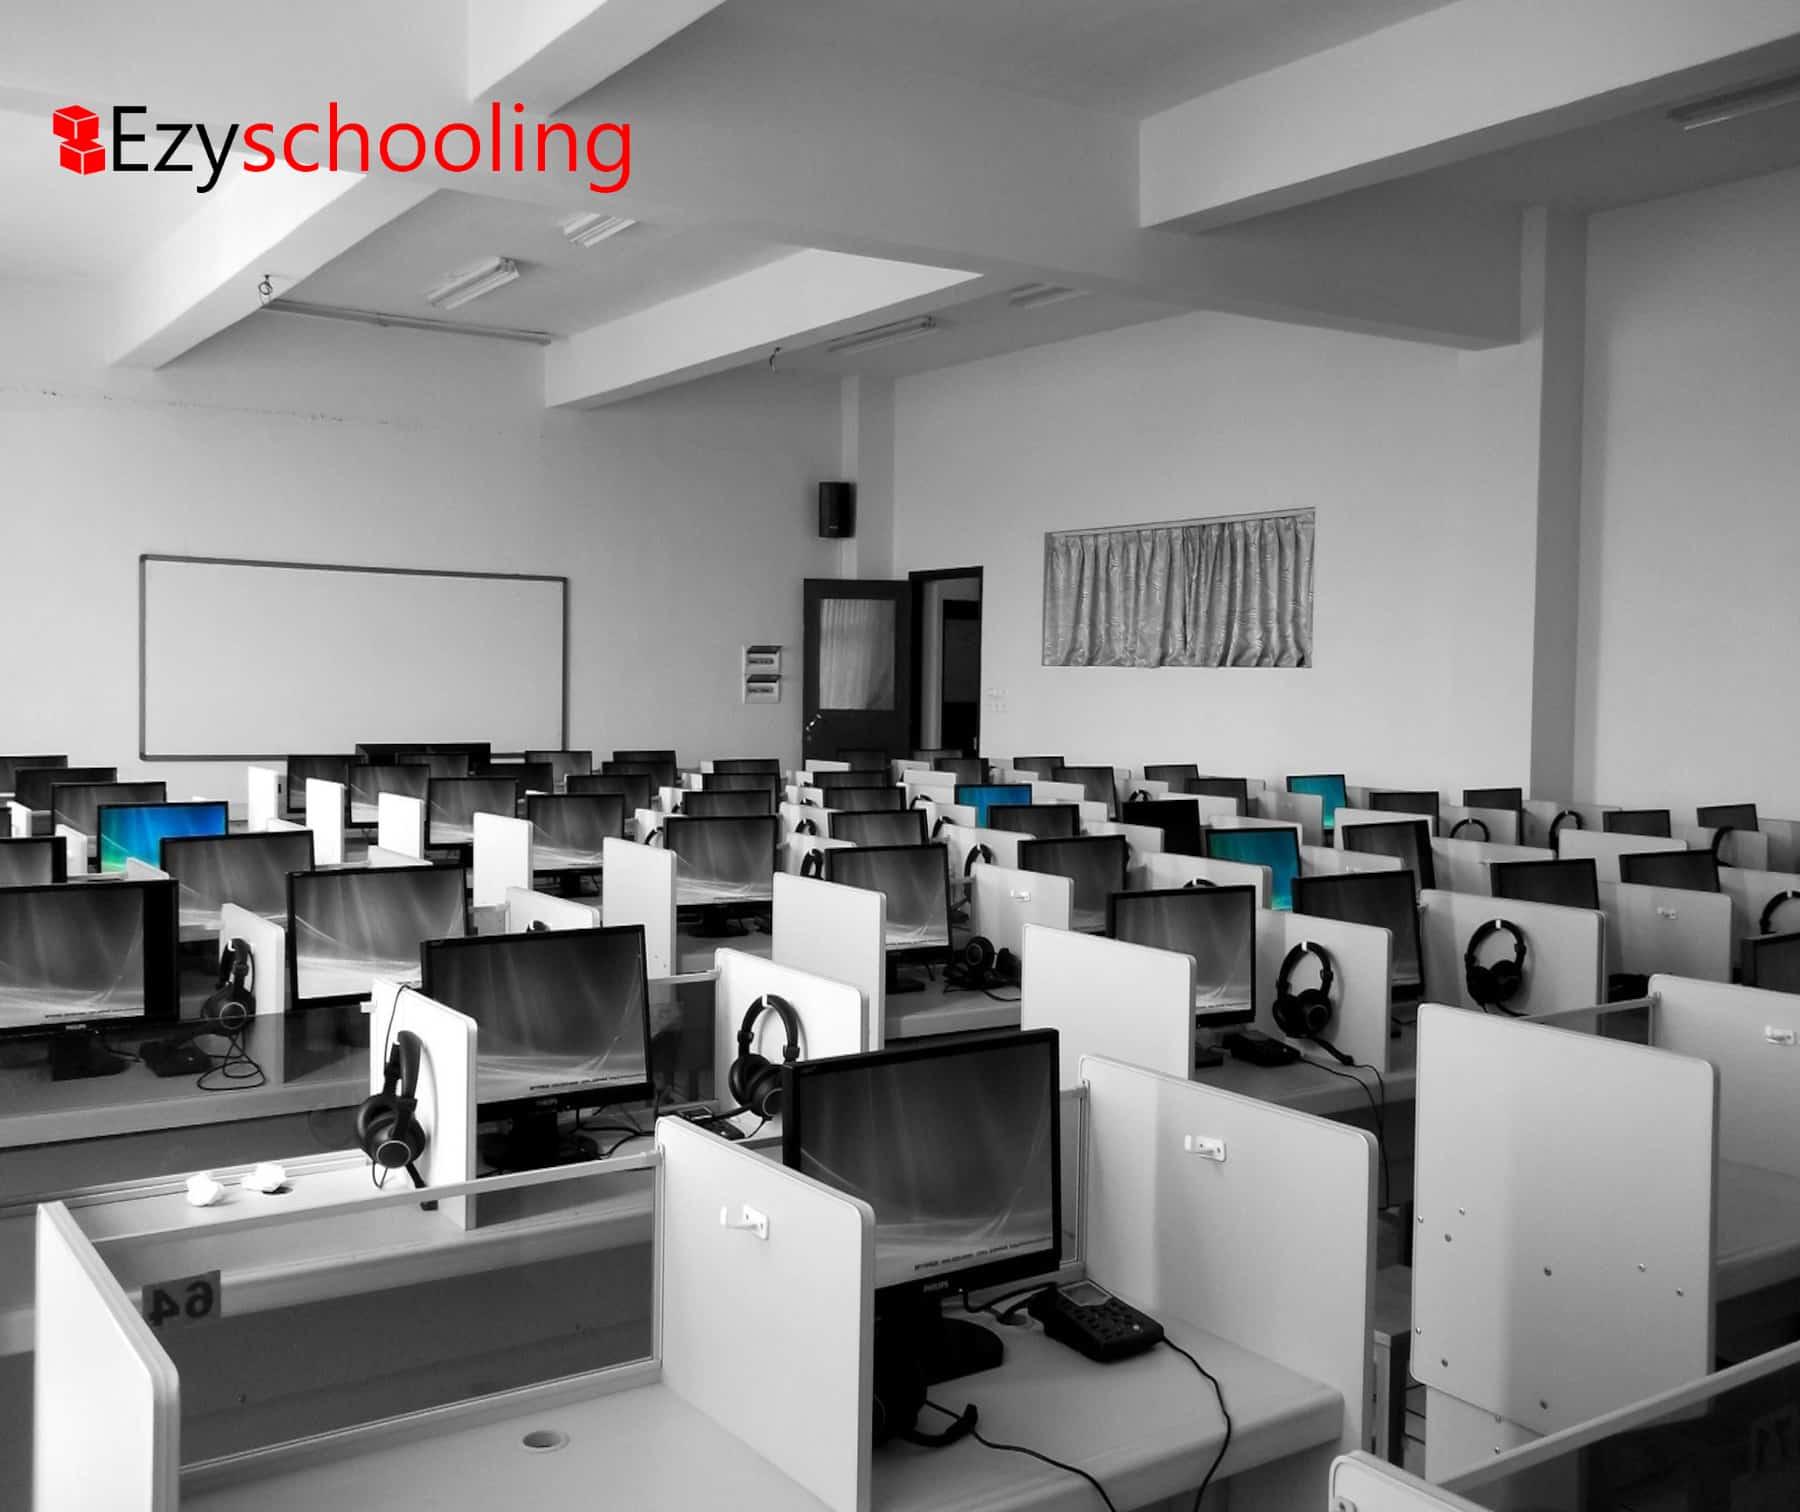 brick-and-mortar schools